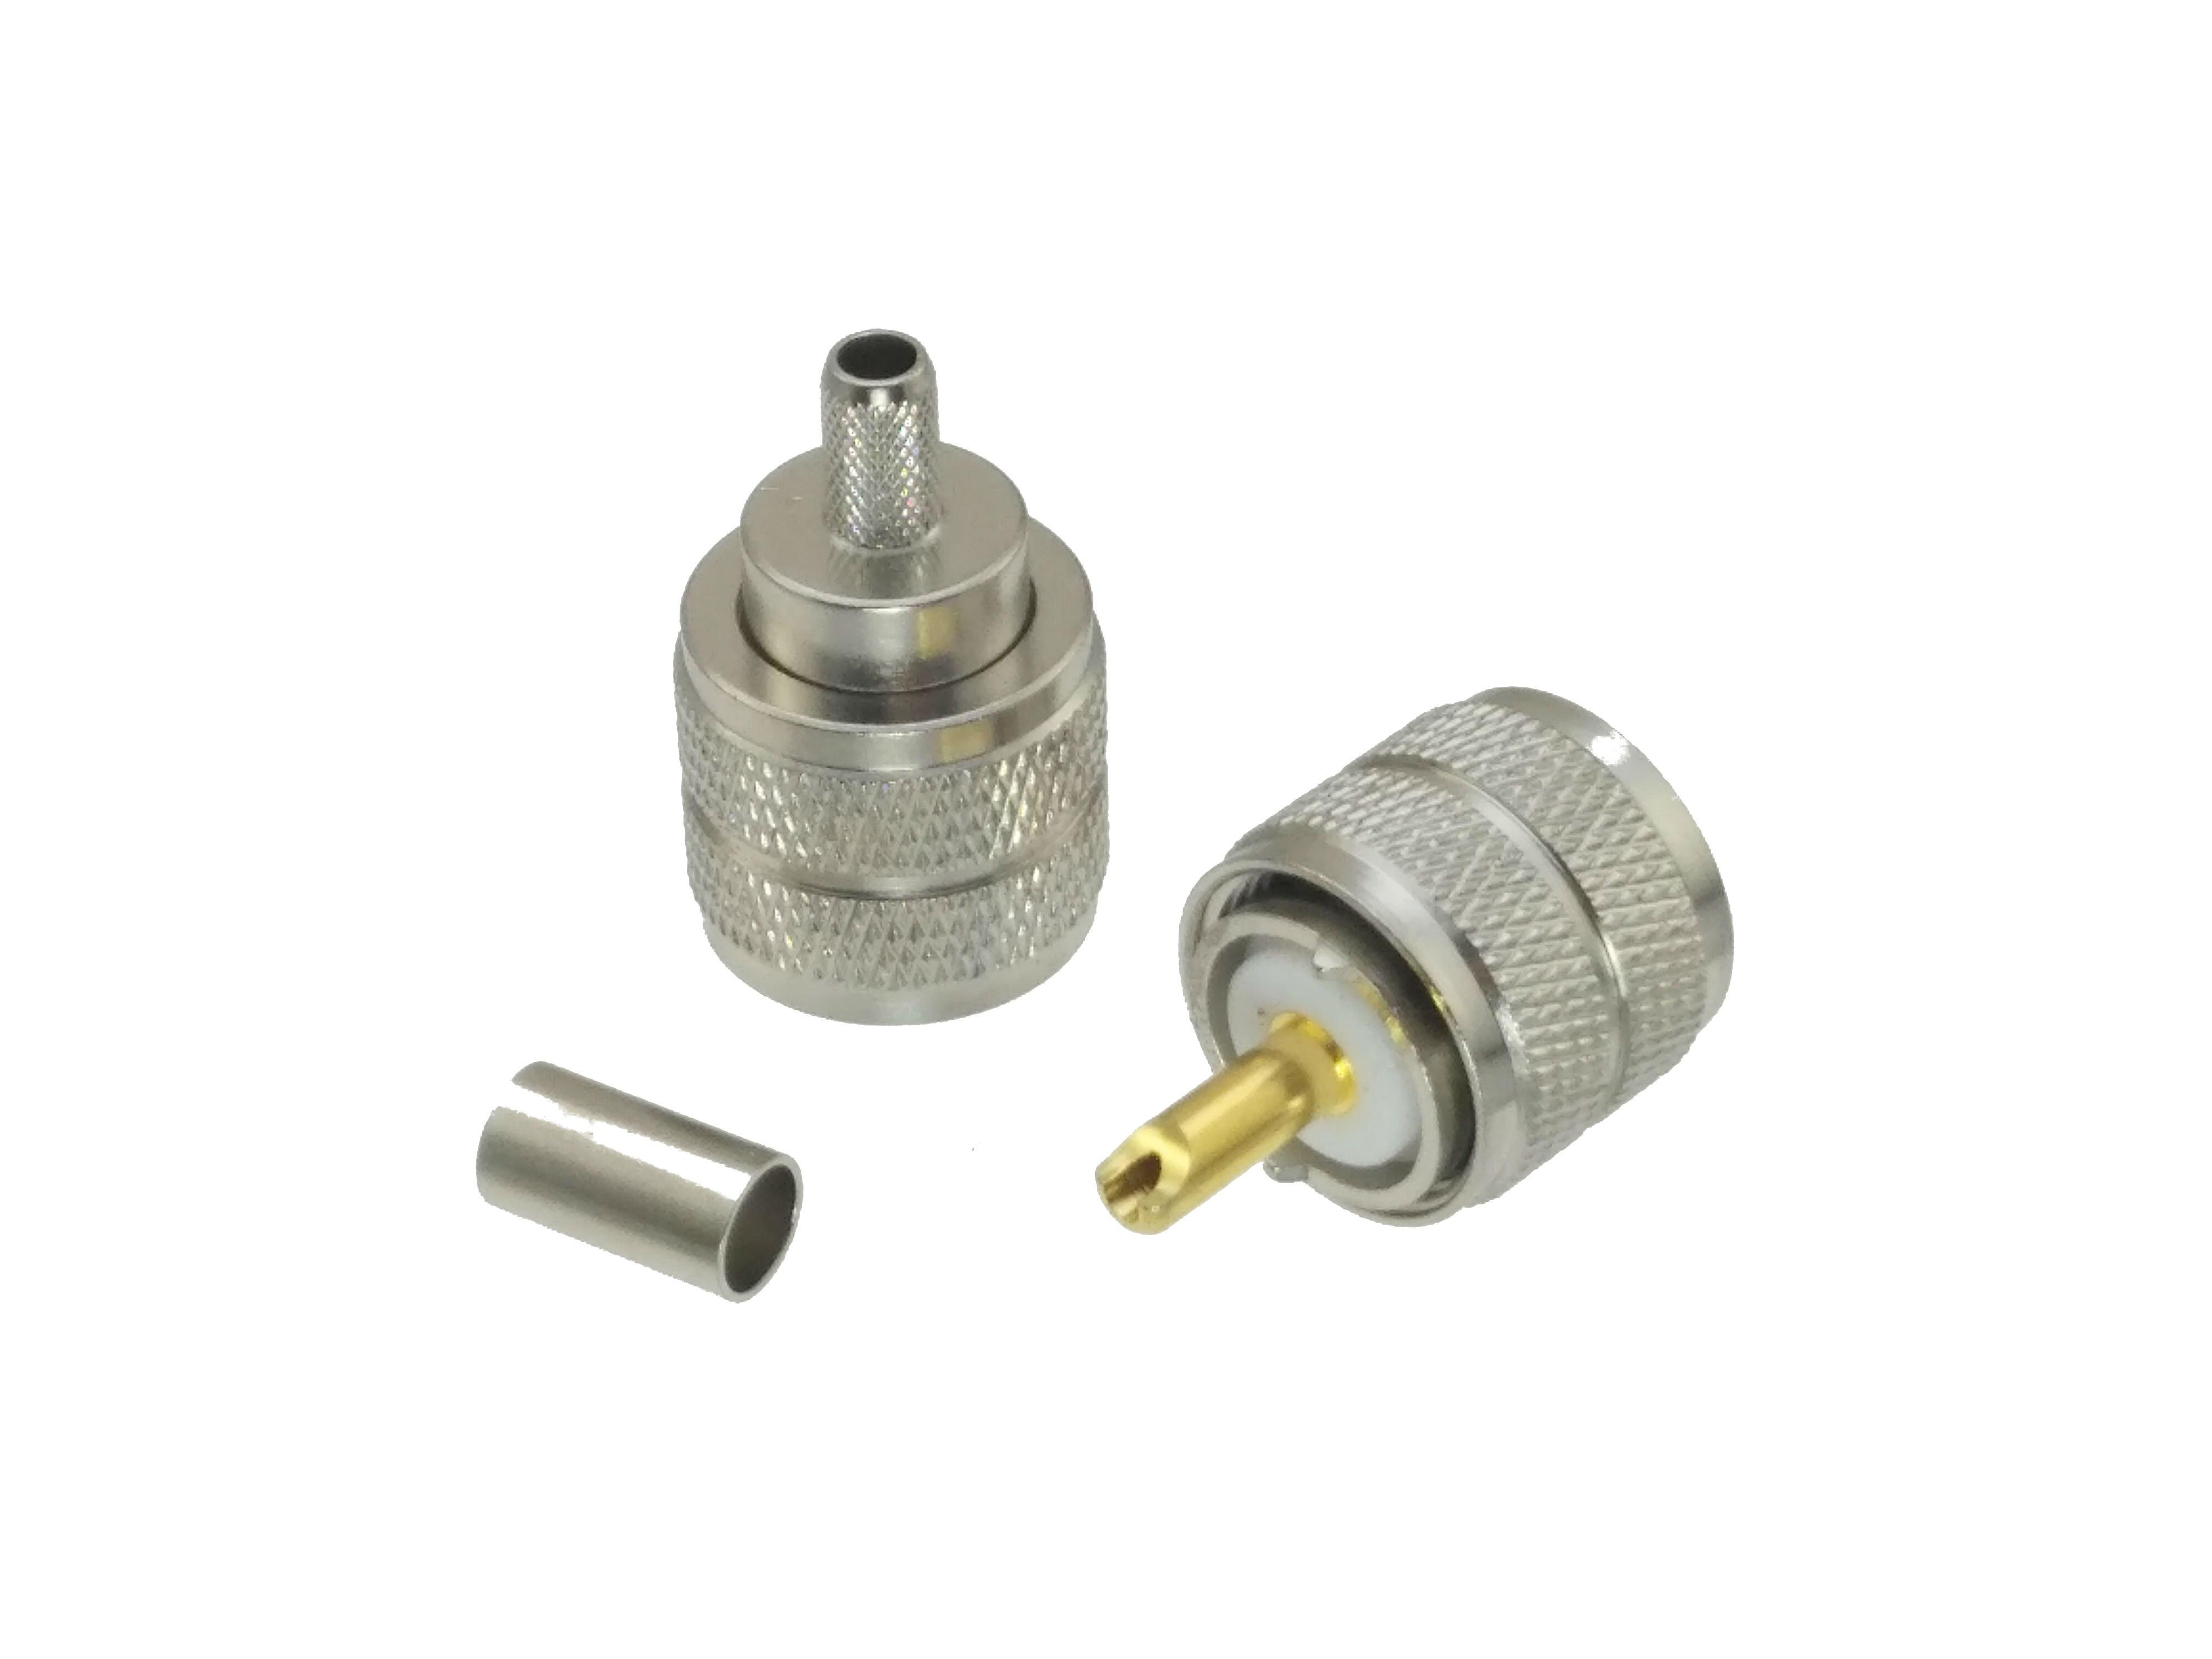 10 шт. разъем UHF PL259 штекер обжимной RG8X RG-8X LMR240 кабель радиочастотный коаксиальный